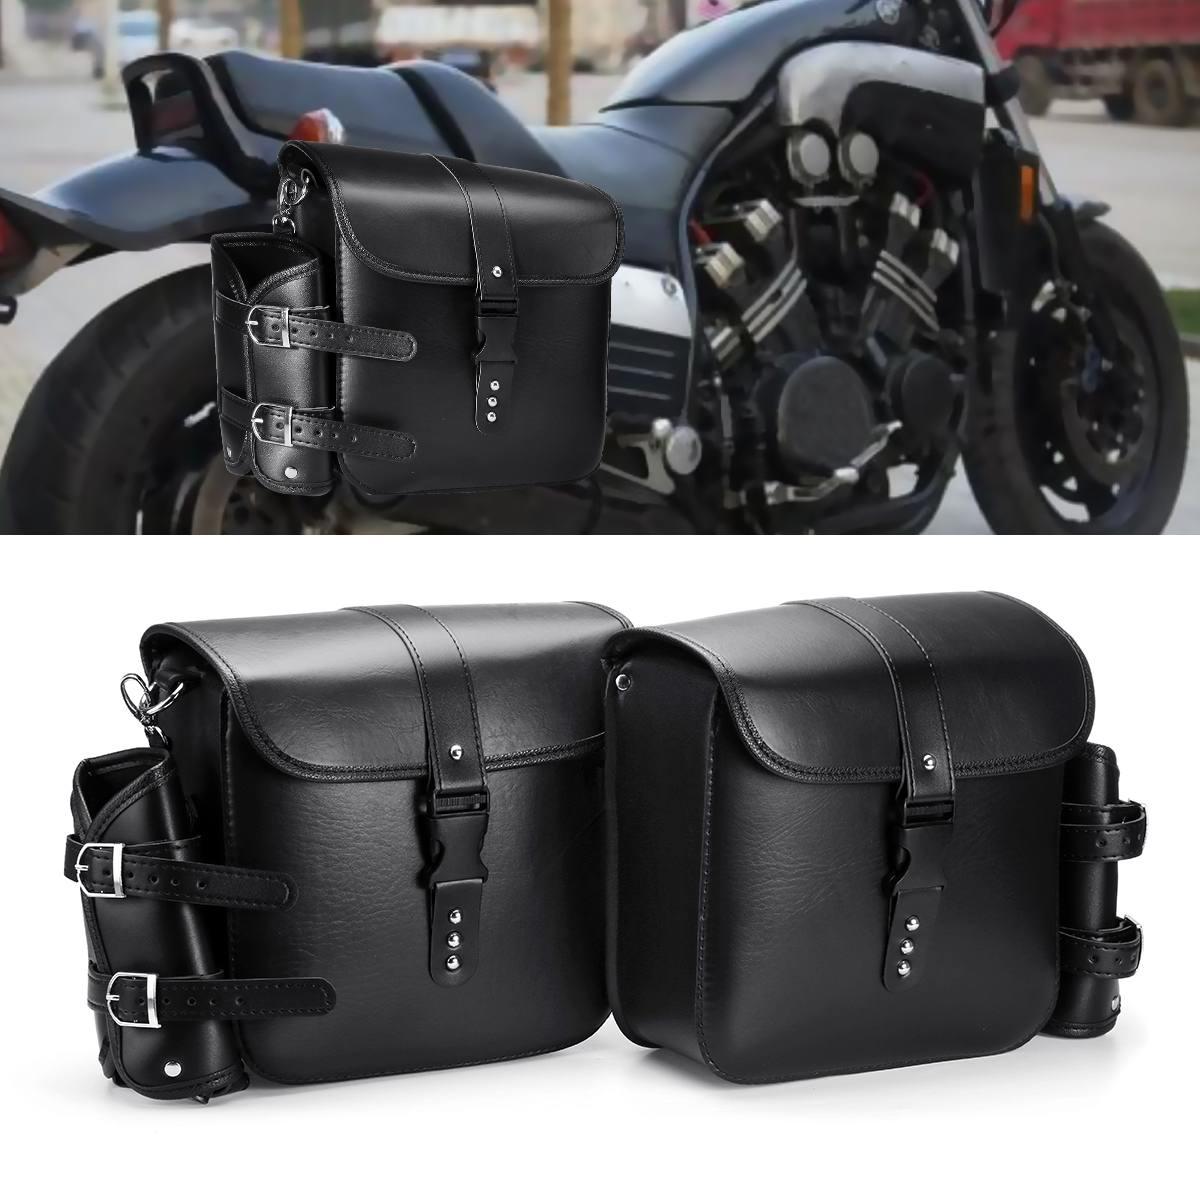 Продажа 1 пара мотоциклетная черная коробка из искусственной кожи Висячие боковые сумки черный с водой чайник сумка универсальная для Harley